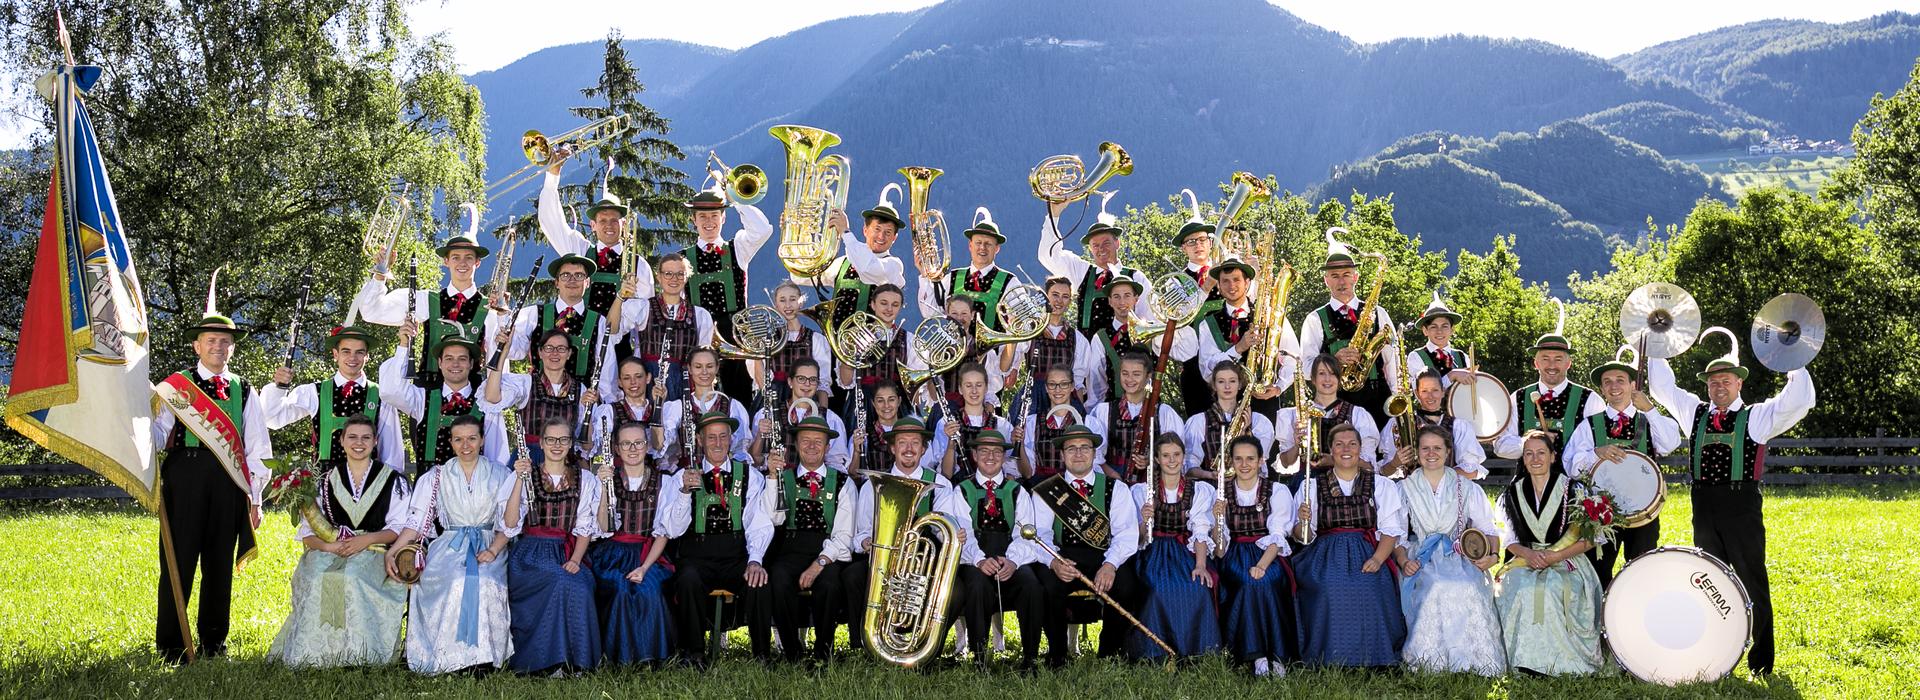 <p>Gruppenfoto der Musikkapelle Afing vom 18. Juni 2017</p>